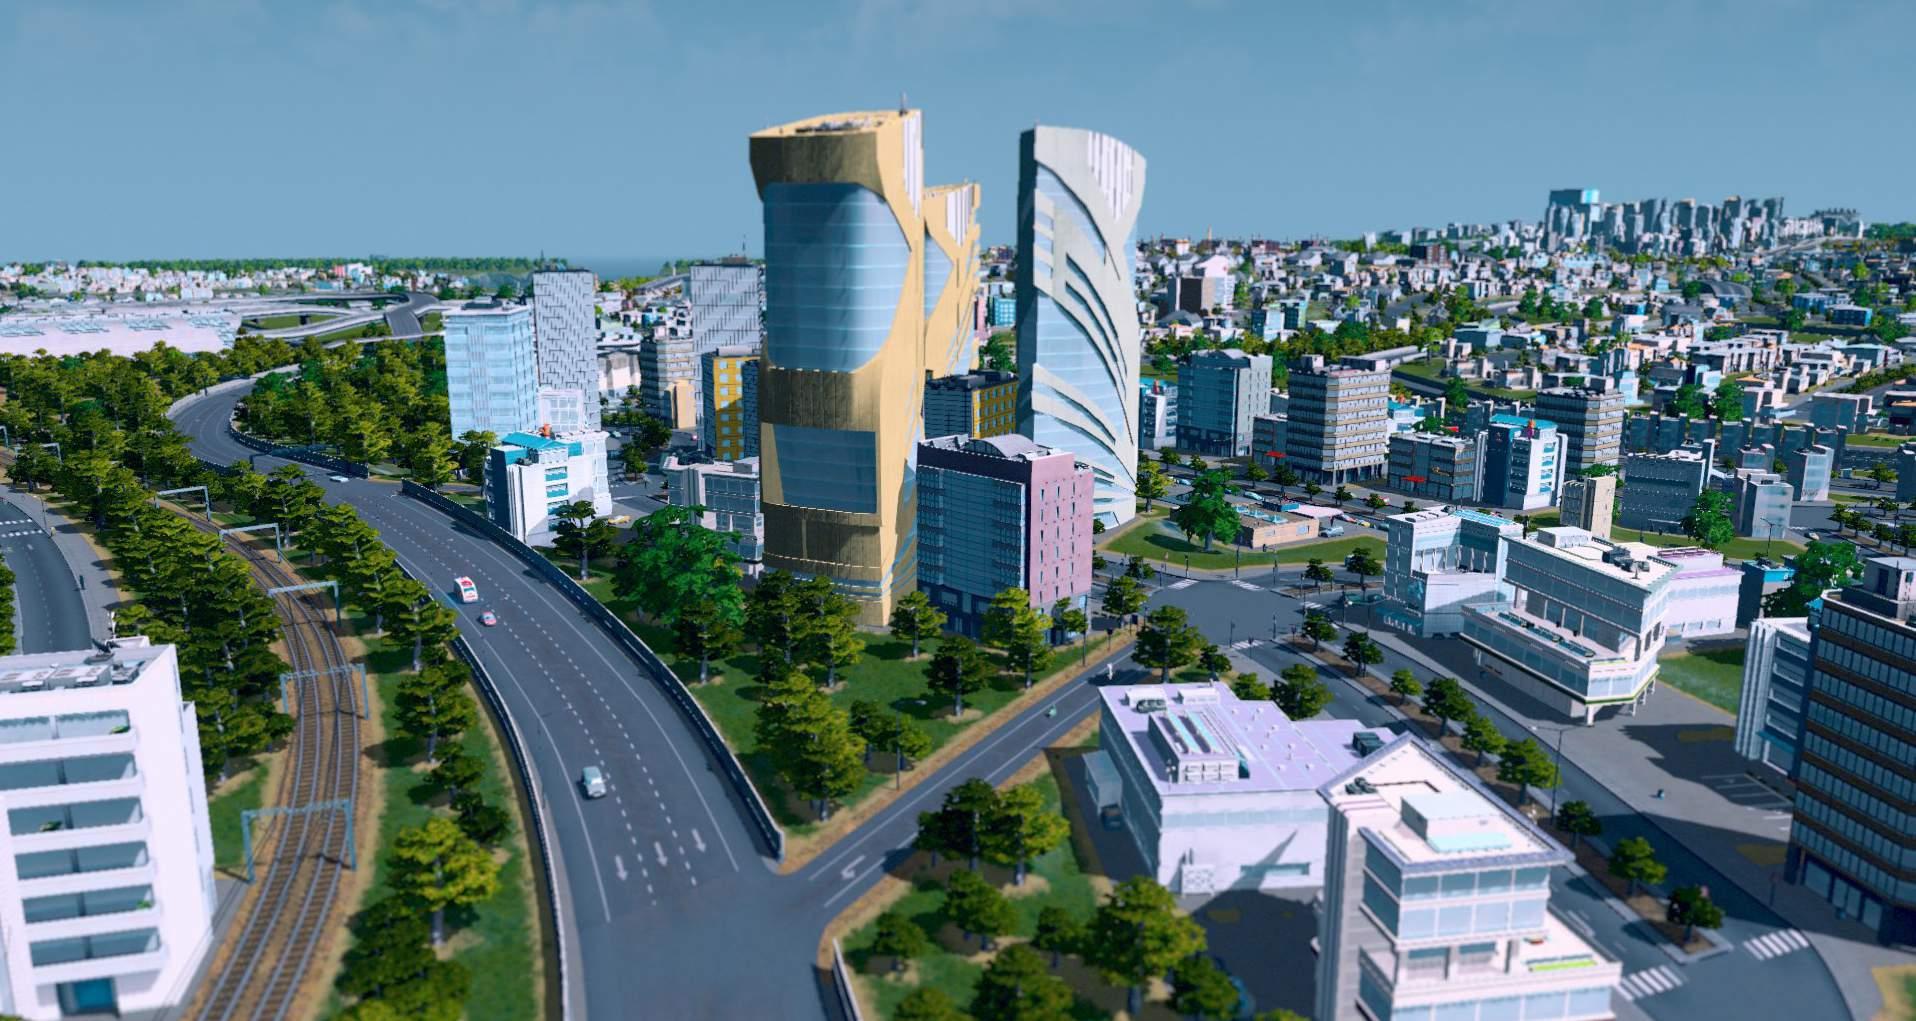 13 - Cities: Skylines